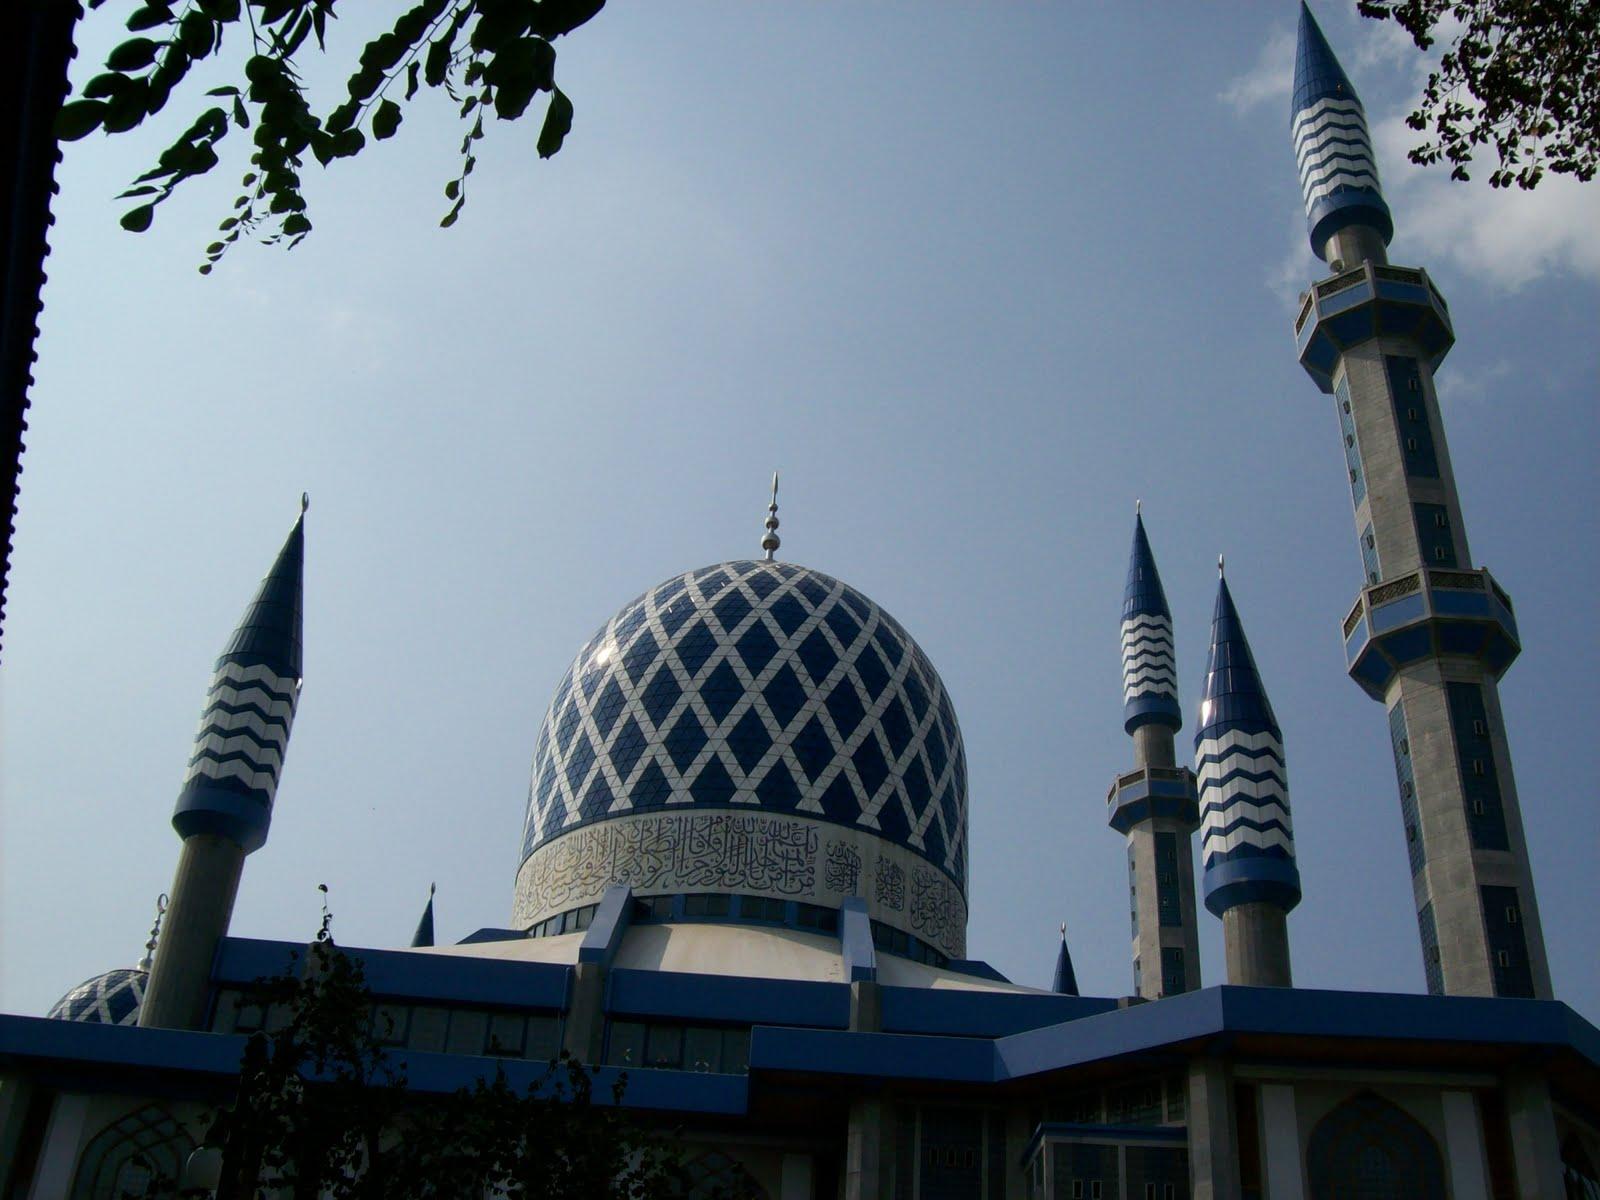 http://4.bp.blogspot.com/-IuDUnsmVlXA/TgY9CwNoLEI/AAAAAAAAAEk/bga5TcJHrYE/s1600/masjid+al+azhar.jpg